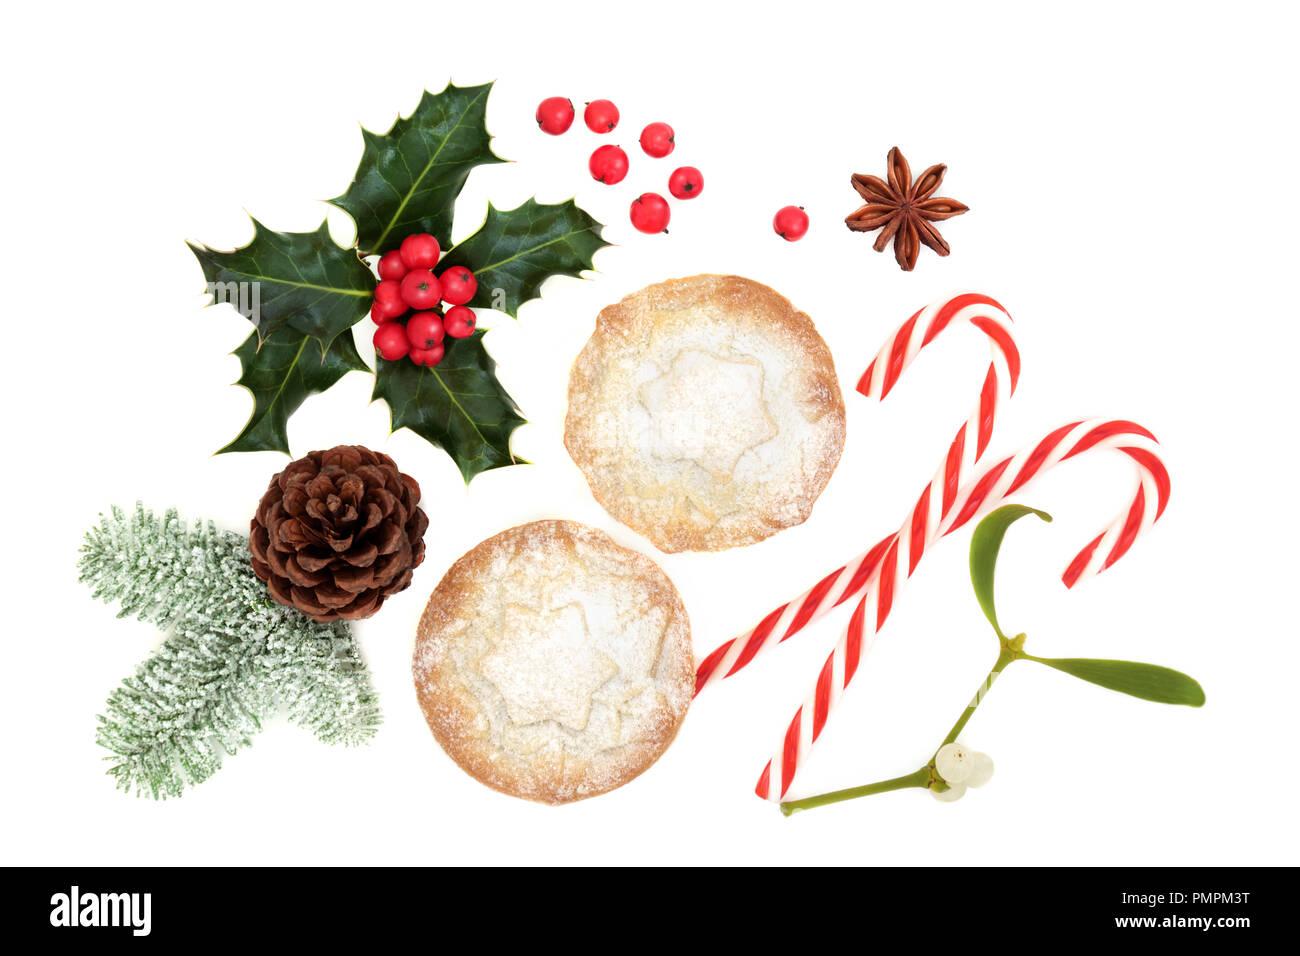 I simboli del Natale con il trito di crostate torta, flora invernale di holly, coperta di neve abete, pino cono, candy canes e anice stellato su sfondo bianco. Vista dall'alto. Immagini Stock